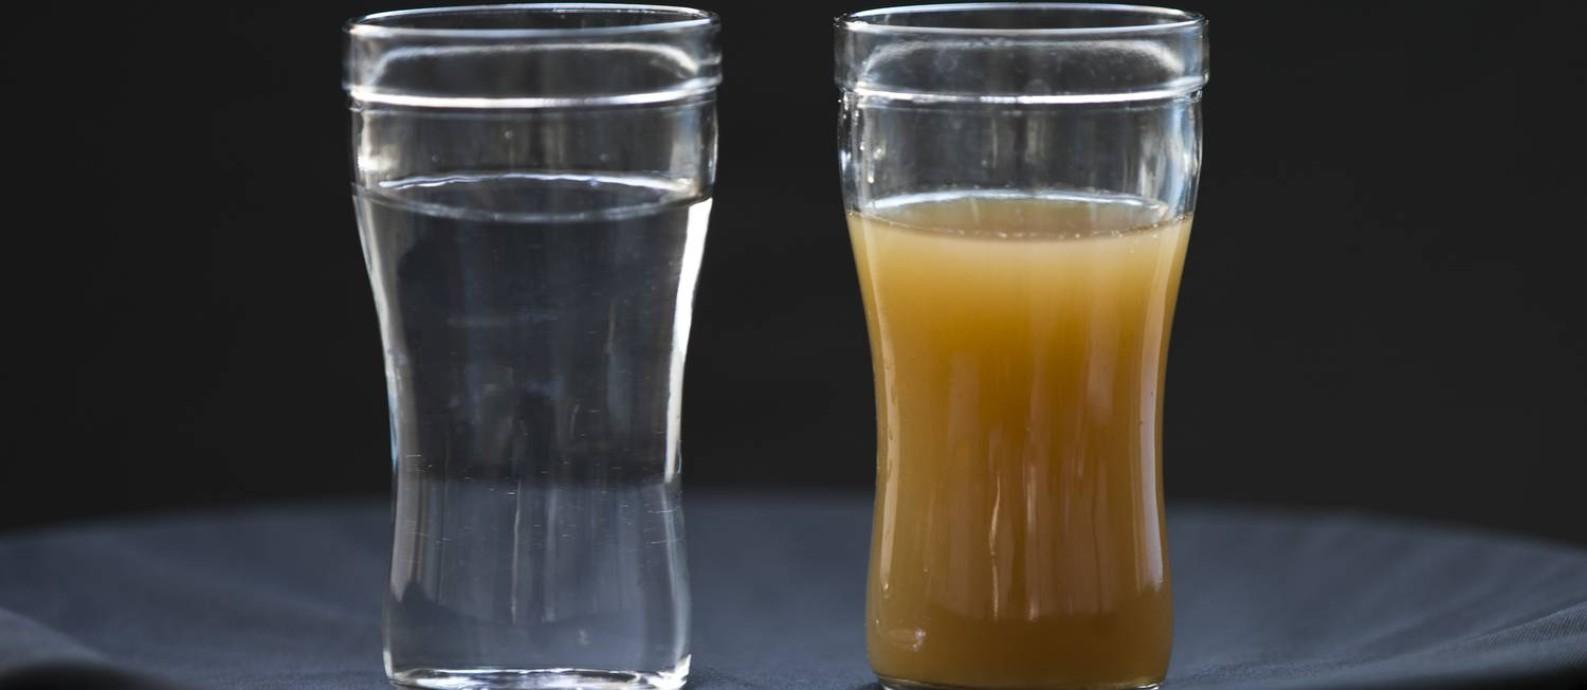 Problemas com a qualidade do abastecimento levam cariocas a procurar alterativas a água da Cedae Foto: Márcia Foletto / O Globo